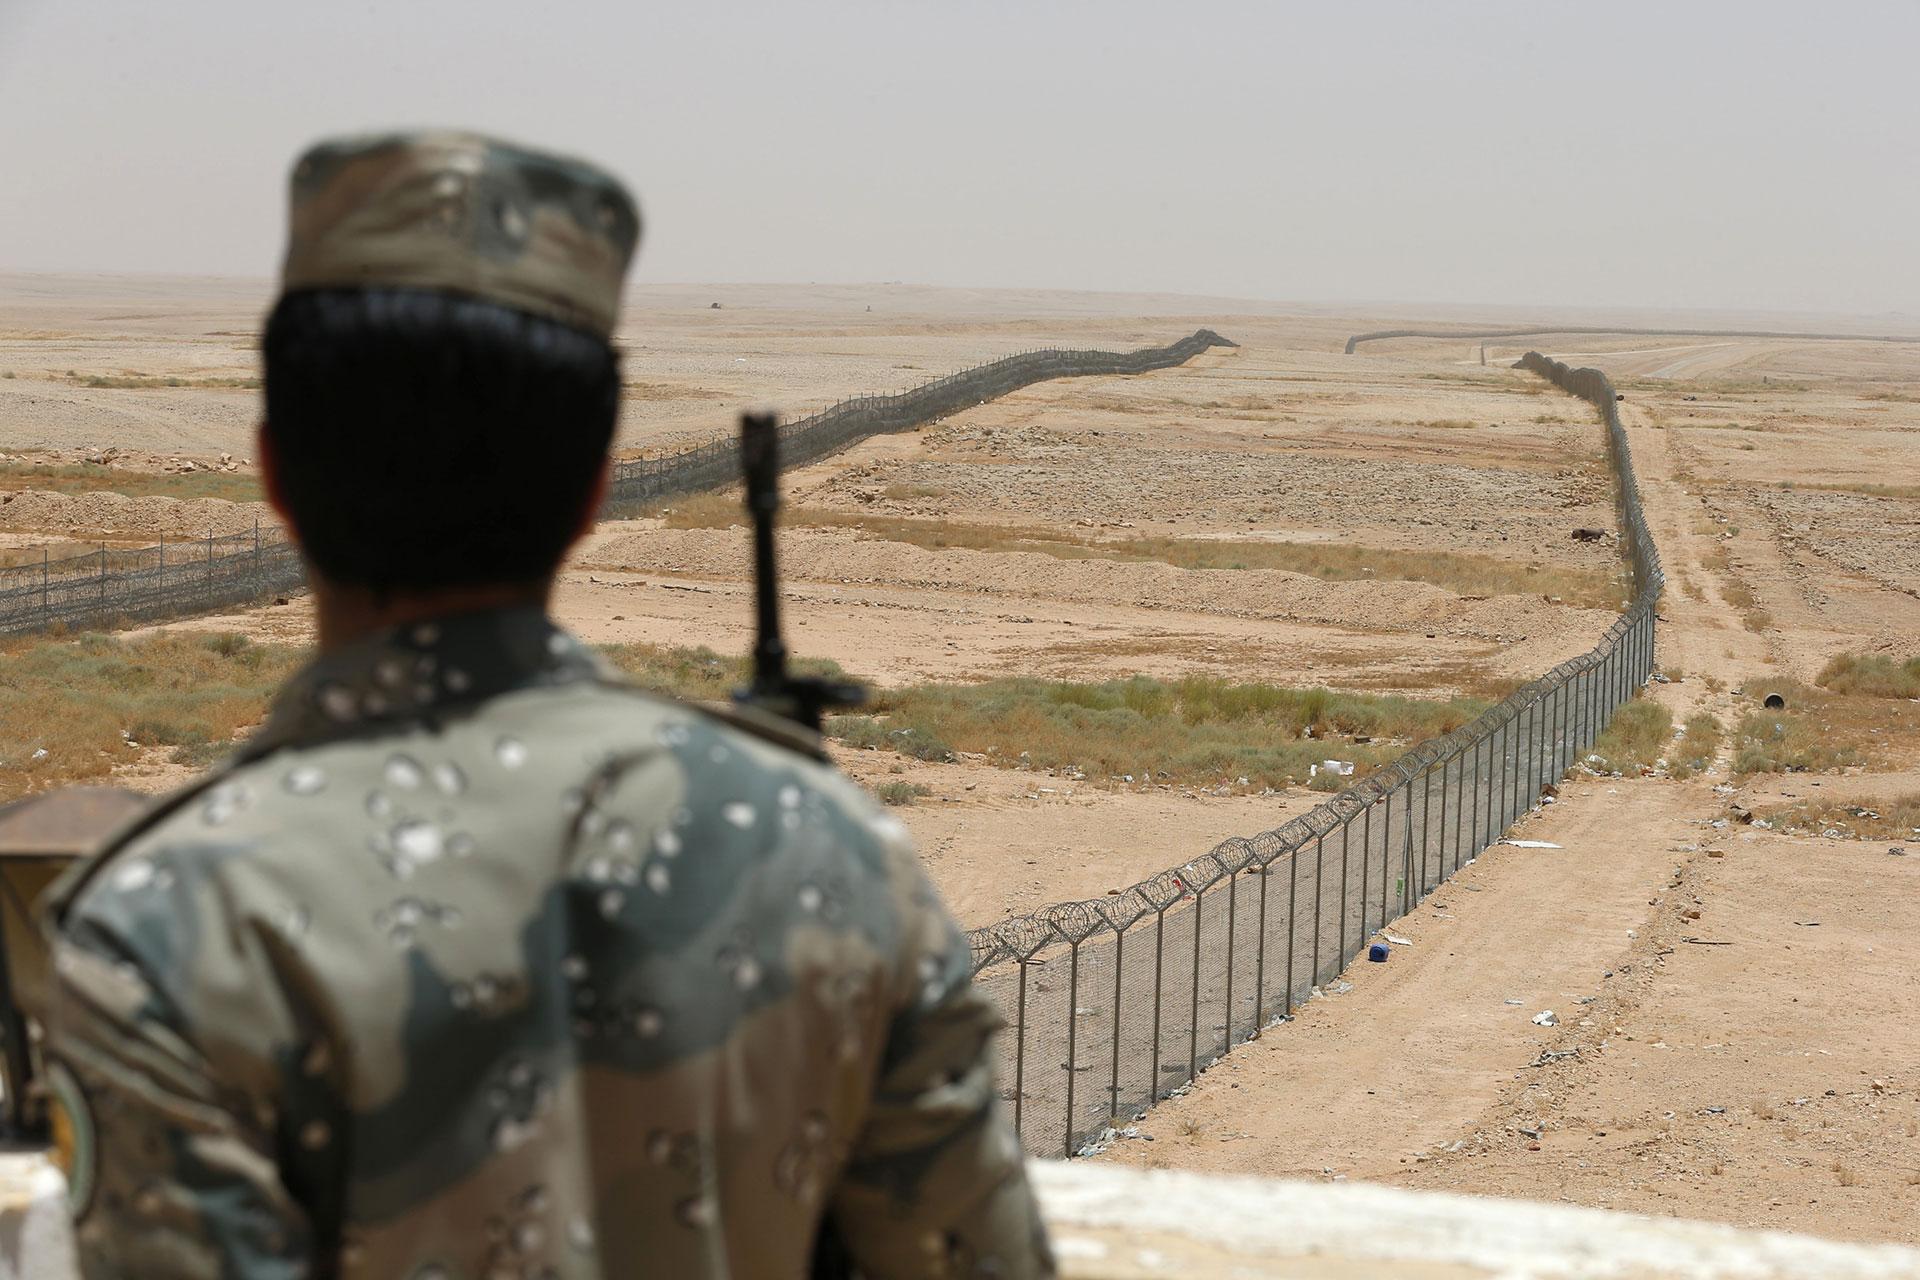 El rey Abdalá de Arabia ordenó una enorme valla con alambres de púa en la frontera con Irak, un territorio donde opera a sus anchas el Estado Islámico (Reuters)